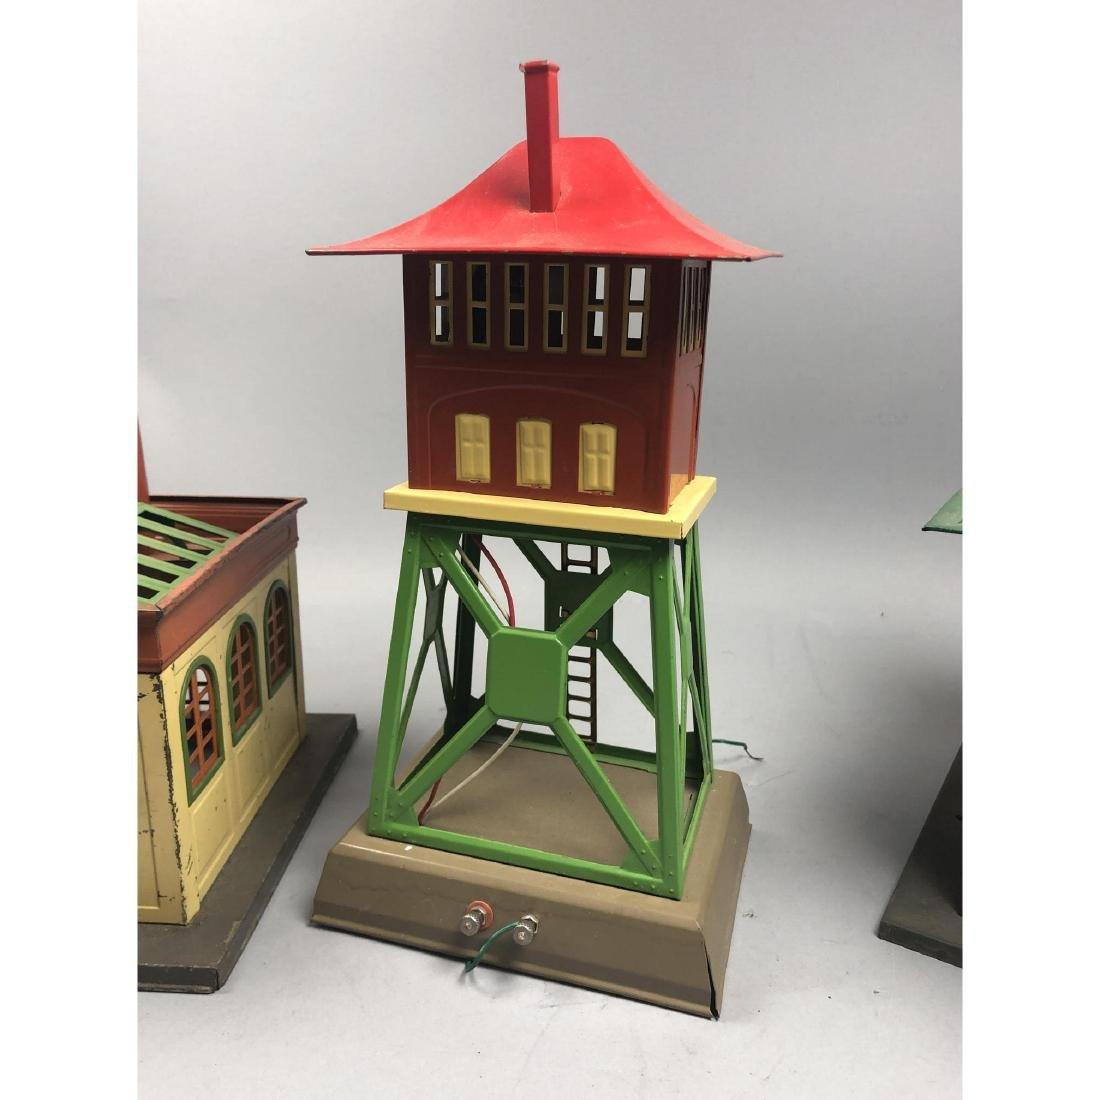 3pc LIONEL Model Train Buildings. 1 power station - 7